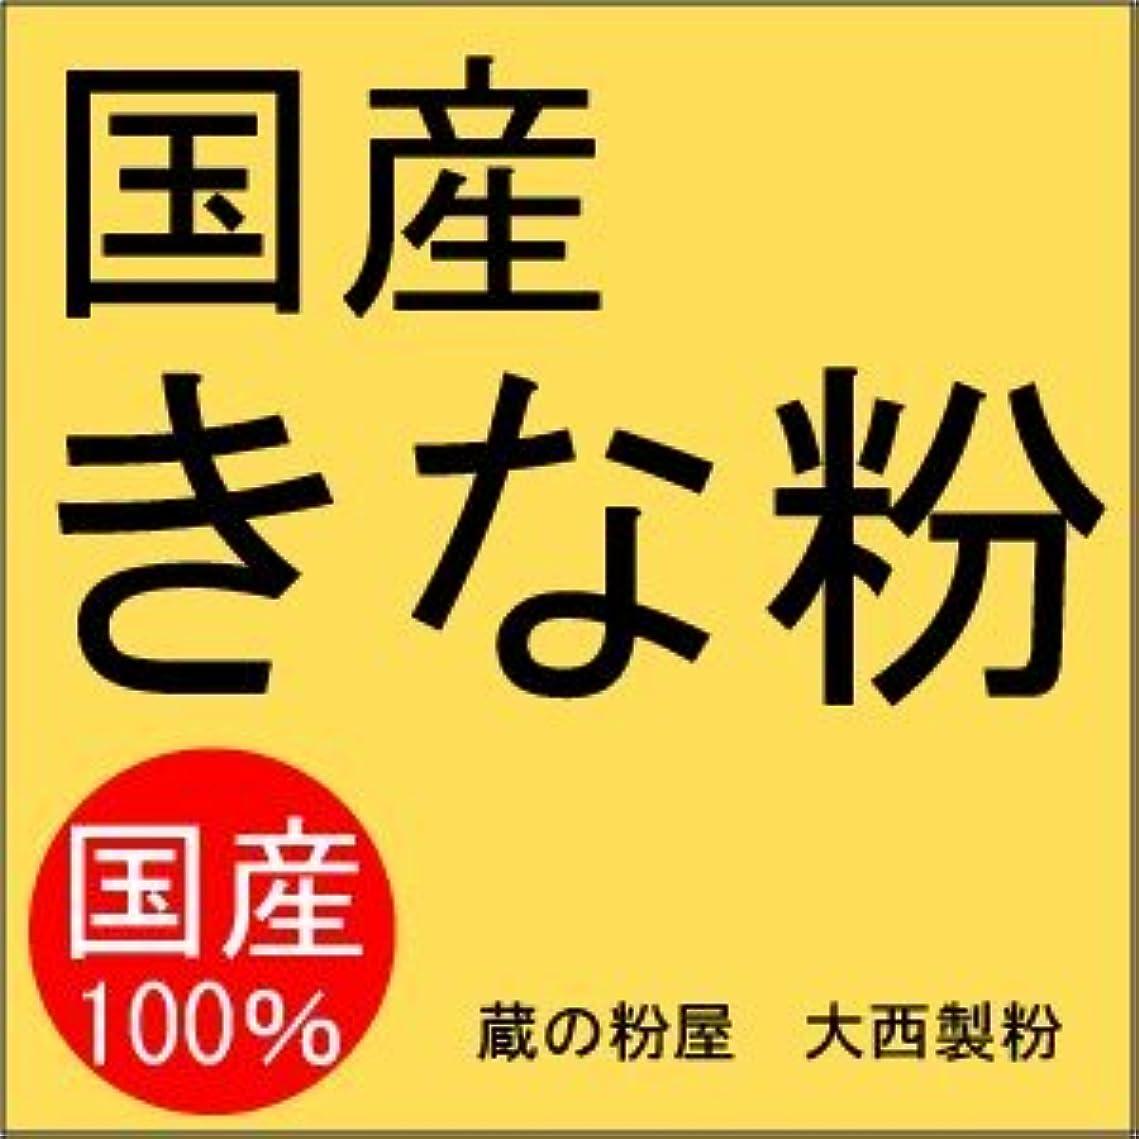 マザーランド絶えず予測子大西製粉 国産 黄な粉 (きなこ) 業務用 1kg ナイロン袋